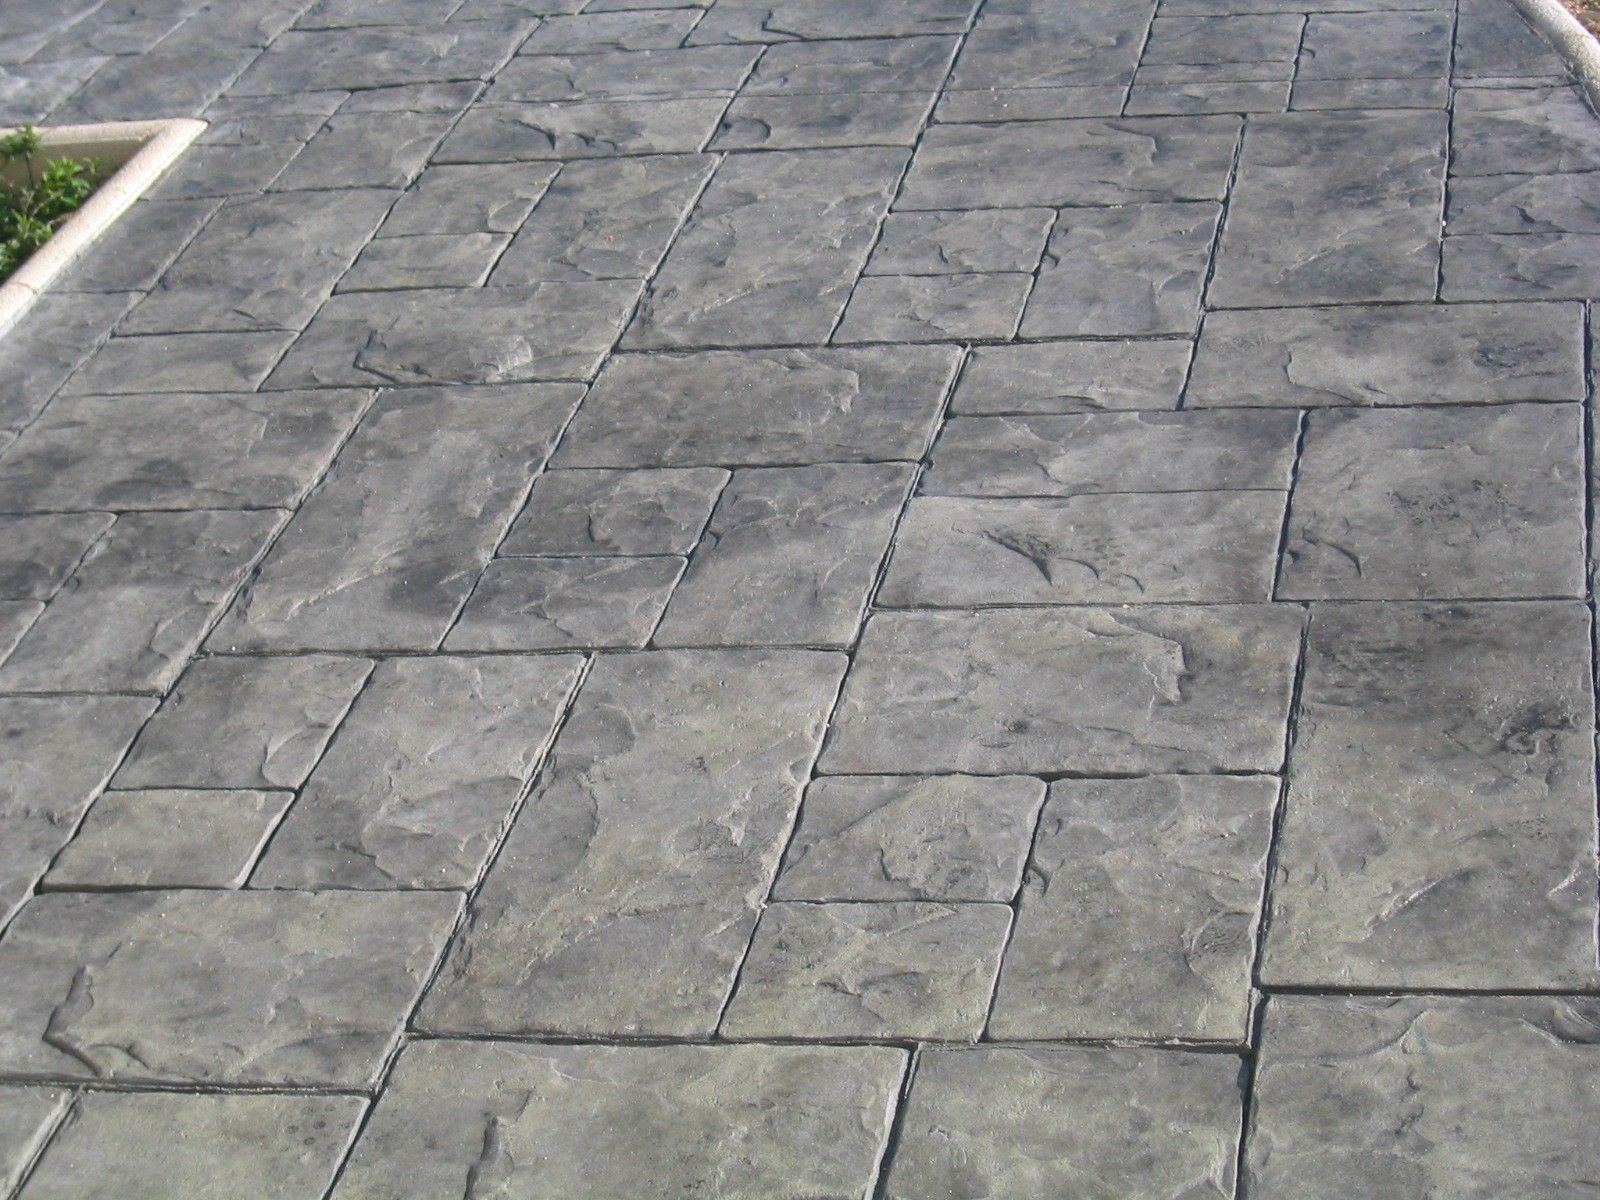 Estampado pizarra silleria sobre impreso pavimento morcret - Baldosas de hormigon para exterior ...